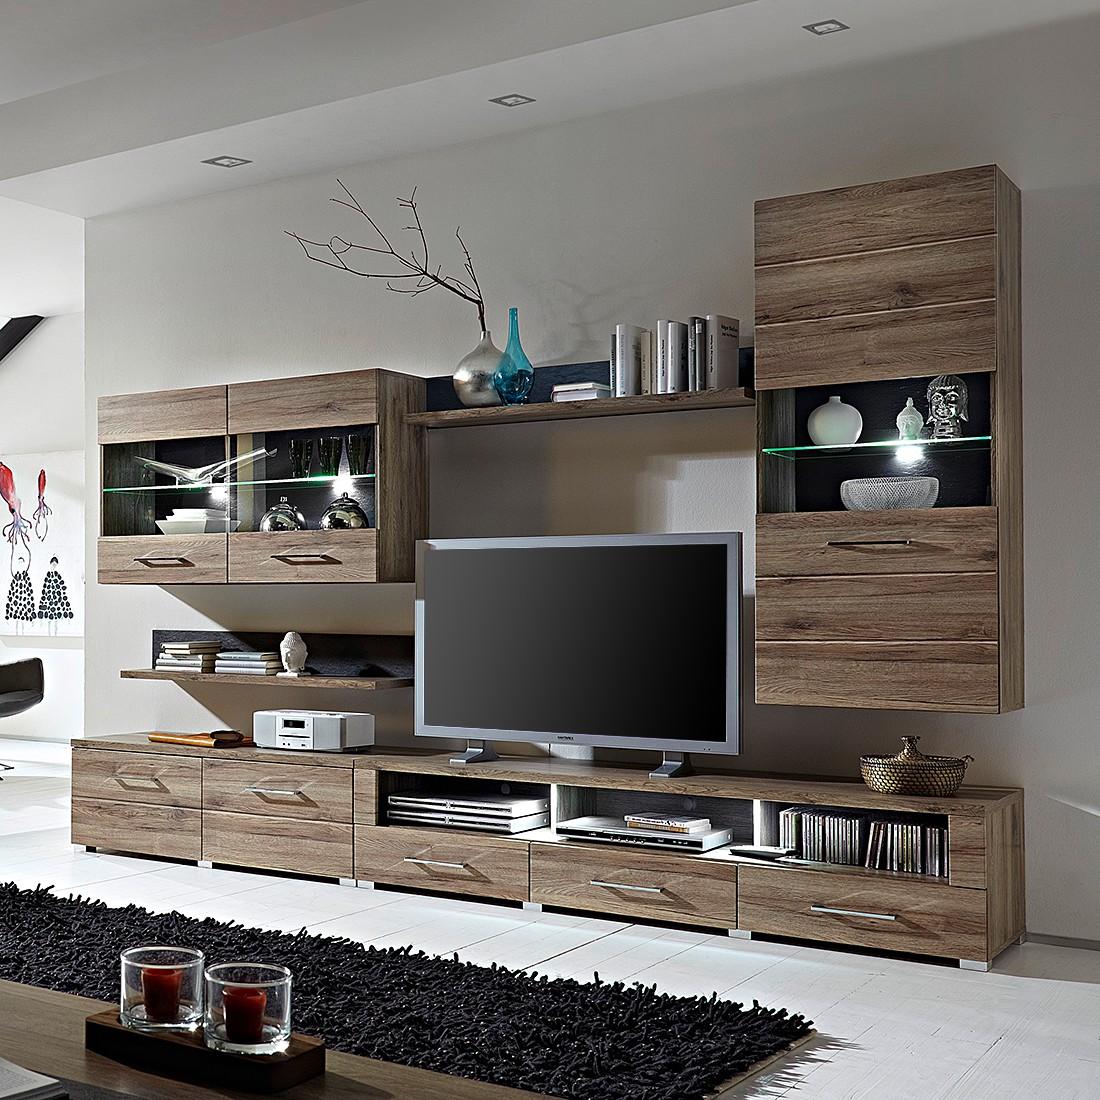 eek a wohnwand justin 5 teilig inklusive beleuchtung hochglanz wei eiche sonoma dekor. Black Bedroom Furniture Sets. Home Design Ideas